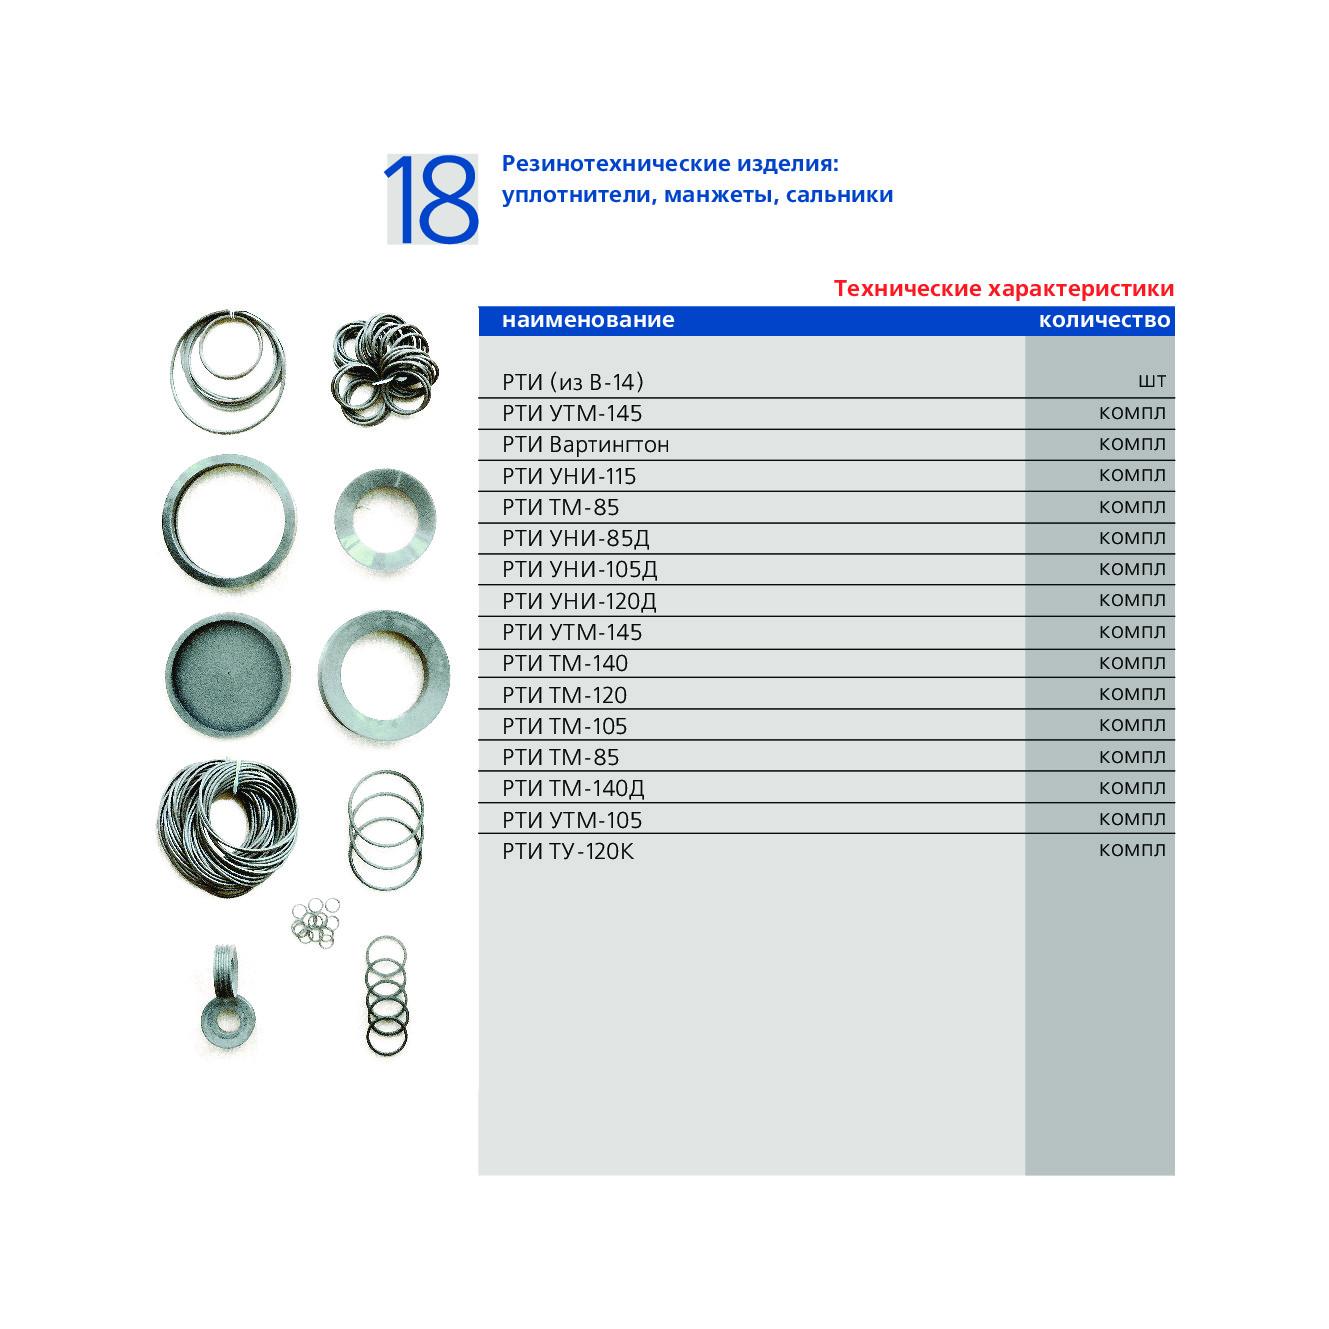 Резинотехнические изделия: уплотнители, манжеты, сальники